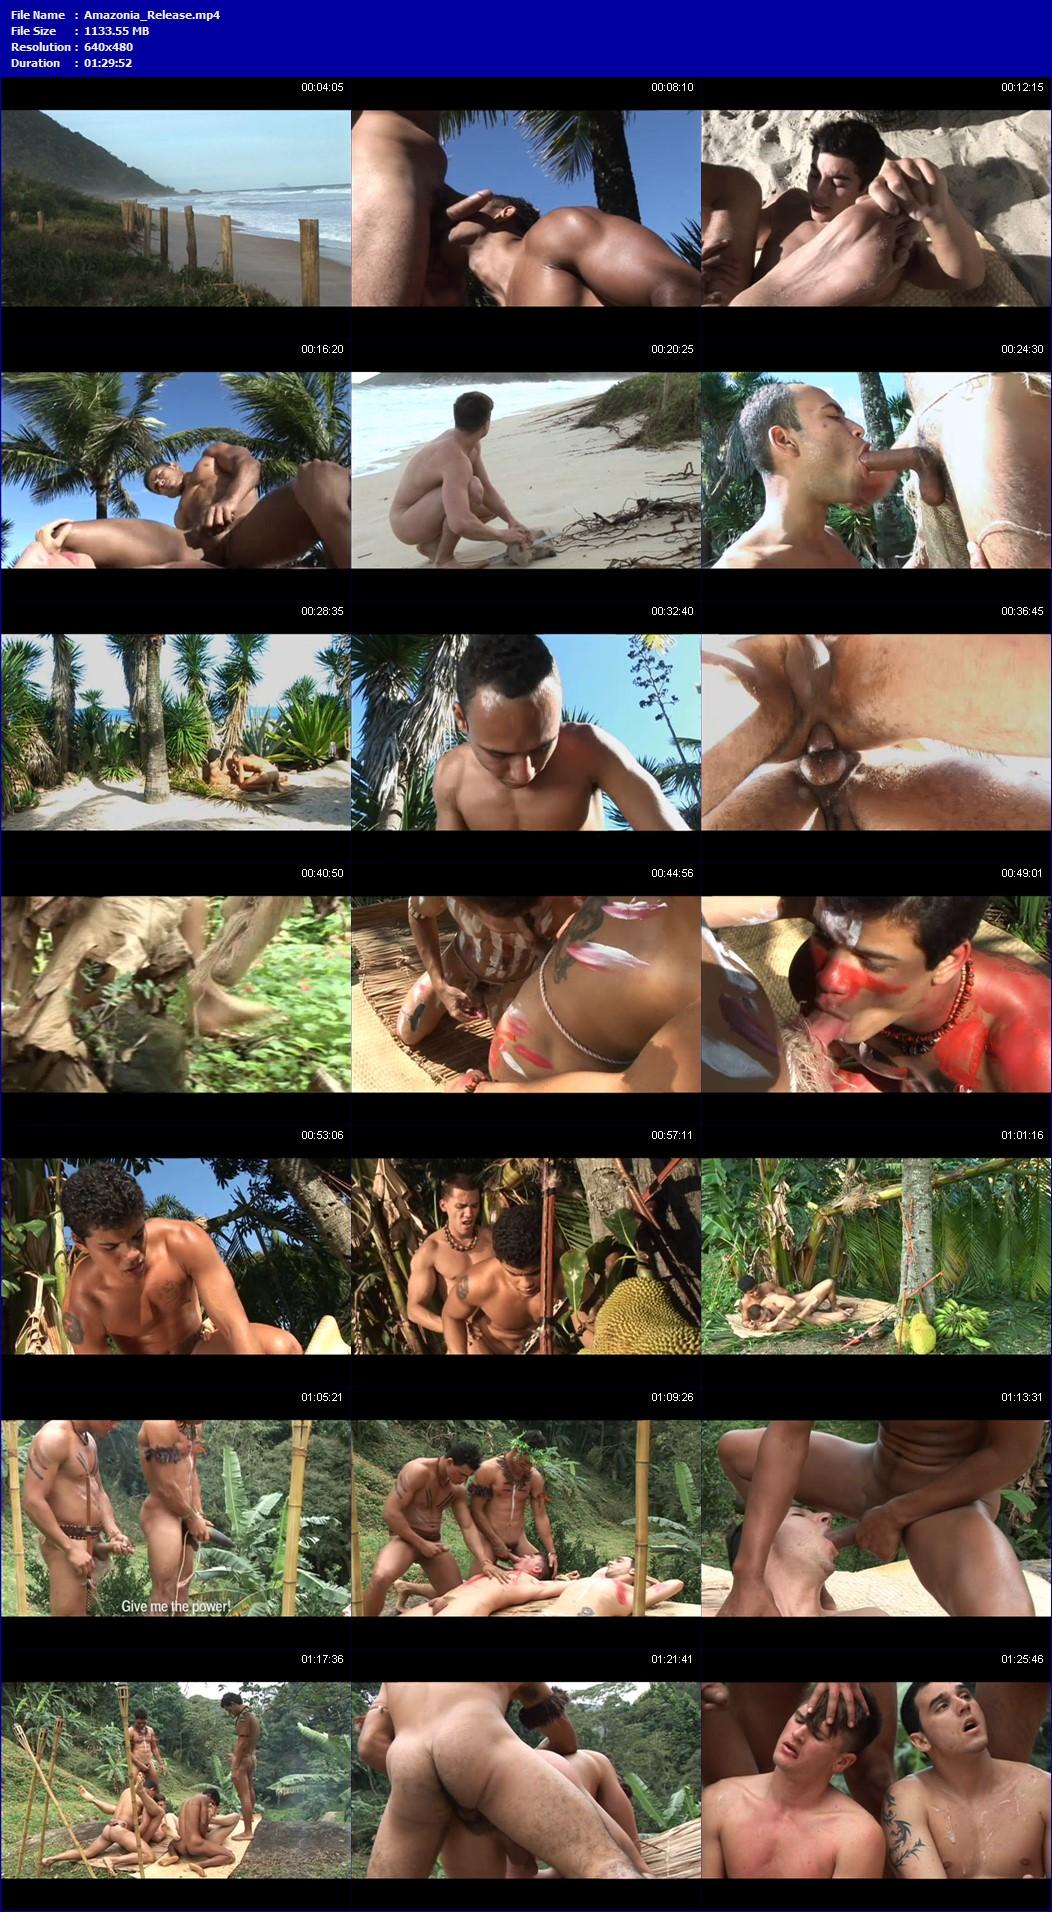 Pornonude na amazonia pron movies